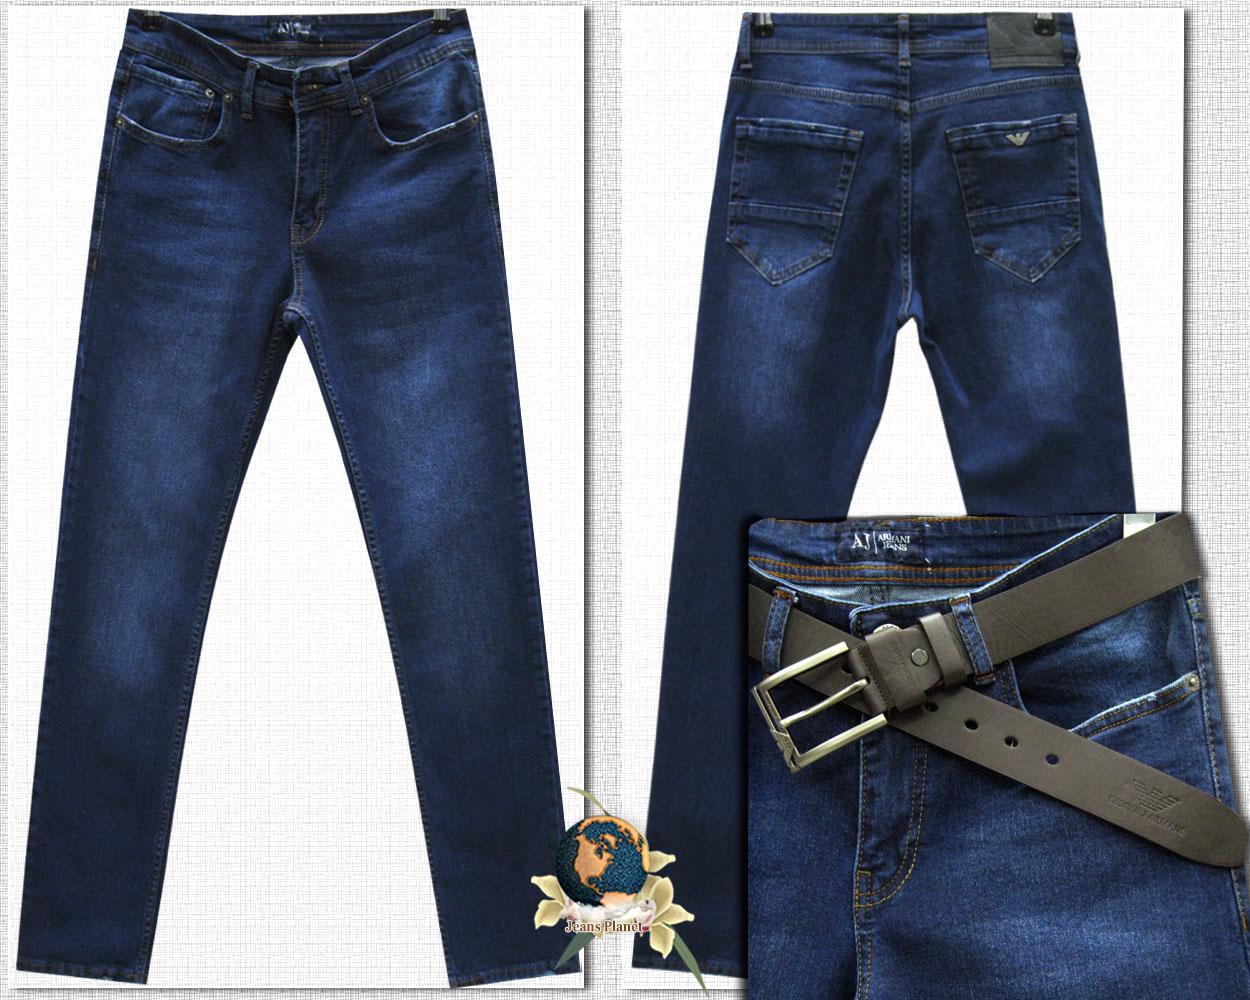 Джинсы мужские стильные зауженные Armani синего цвета 34 размер